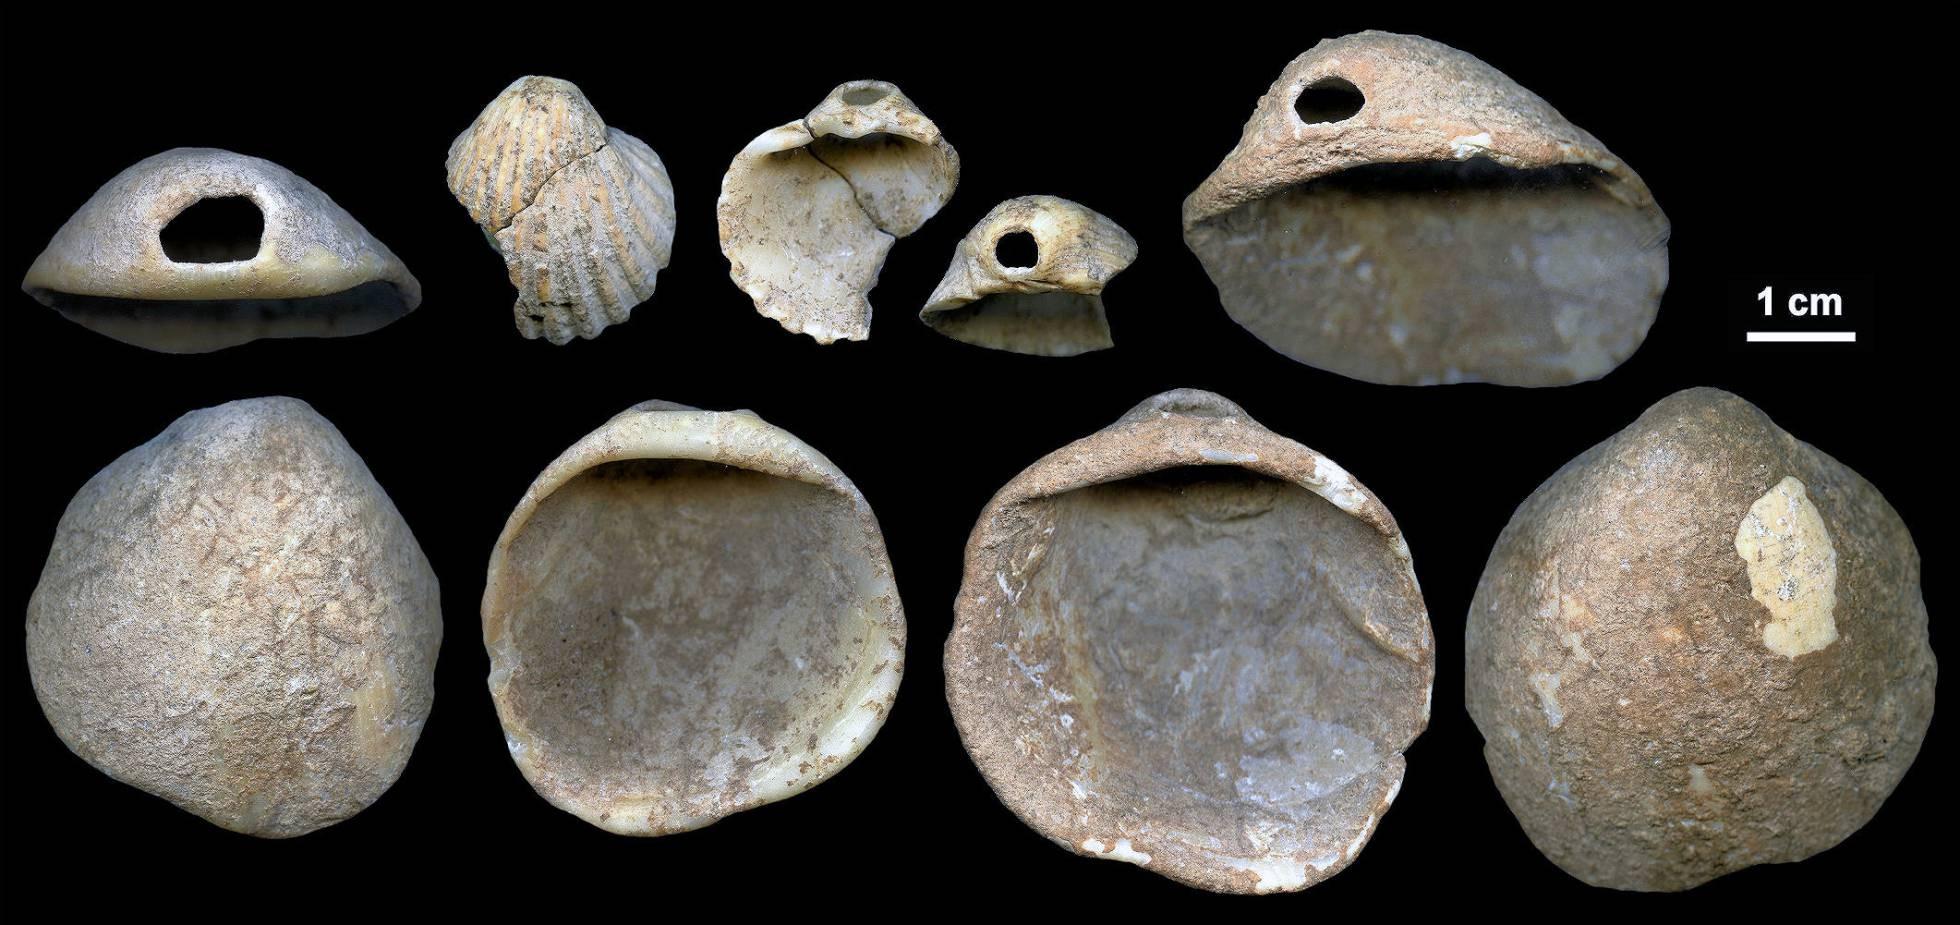 Conchas usadas como ornamentos (Foto: Divulgação)